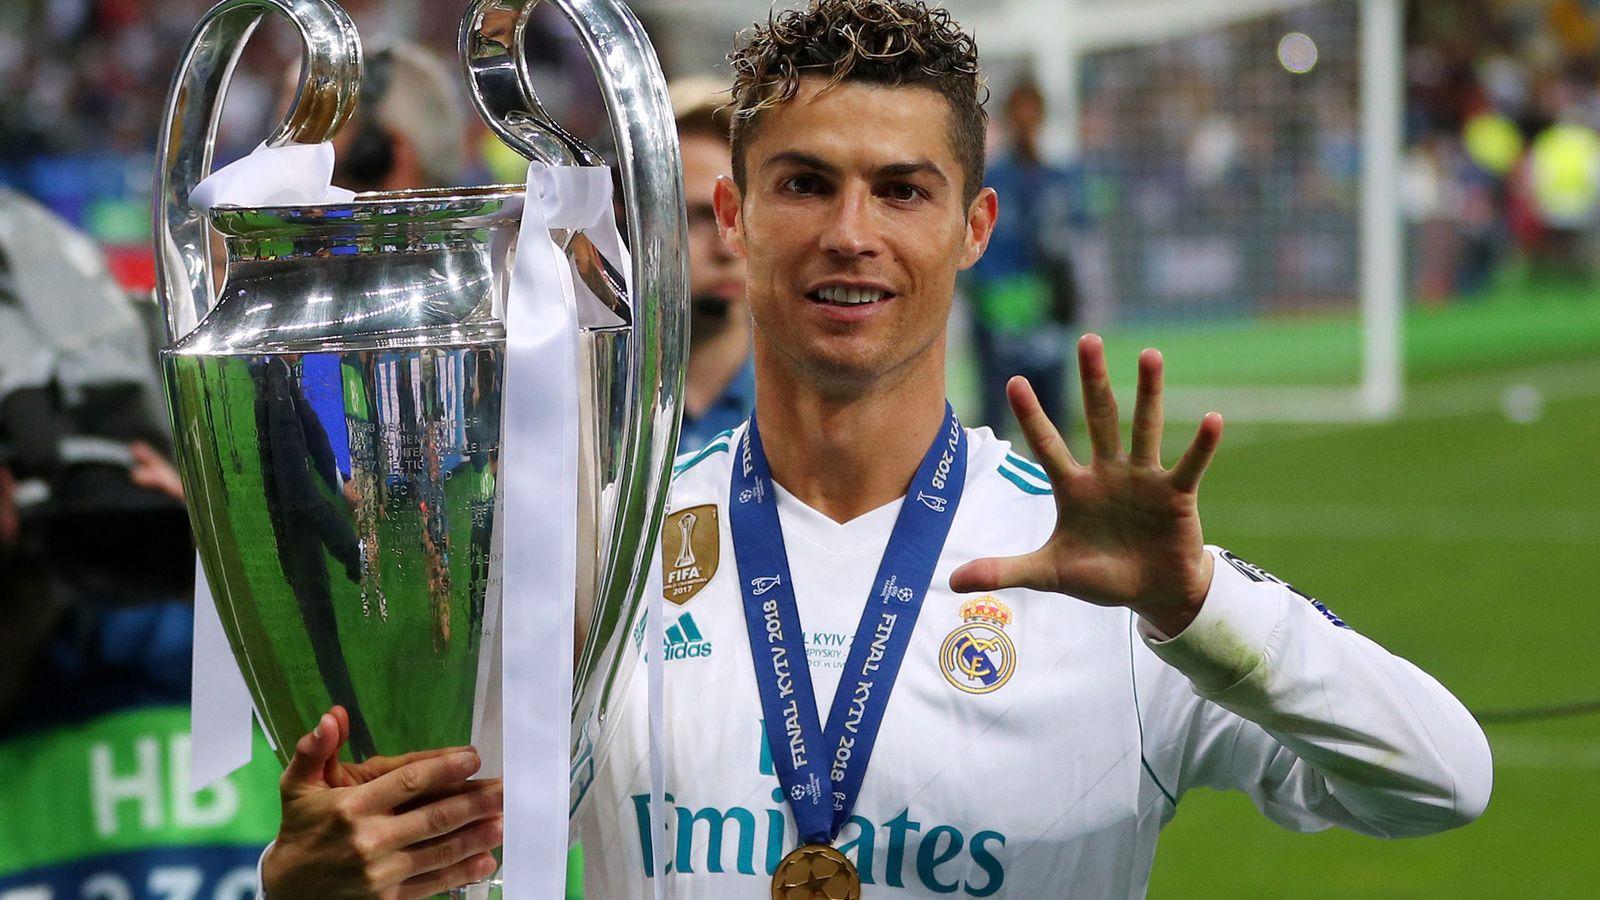 Foto: Cristiano Ronaldo indica con la mano las cinco Champions que tiene en su palmarés. (EFE)